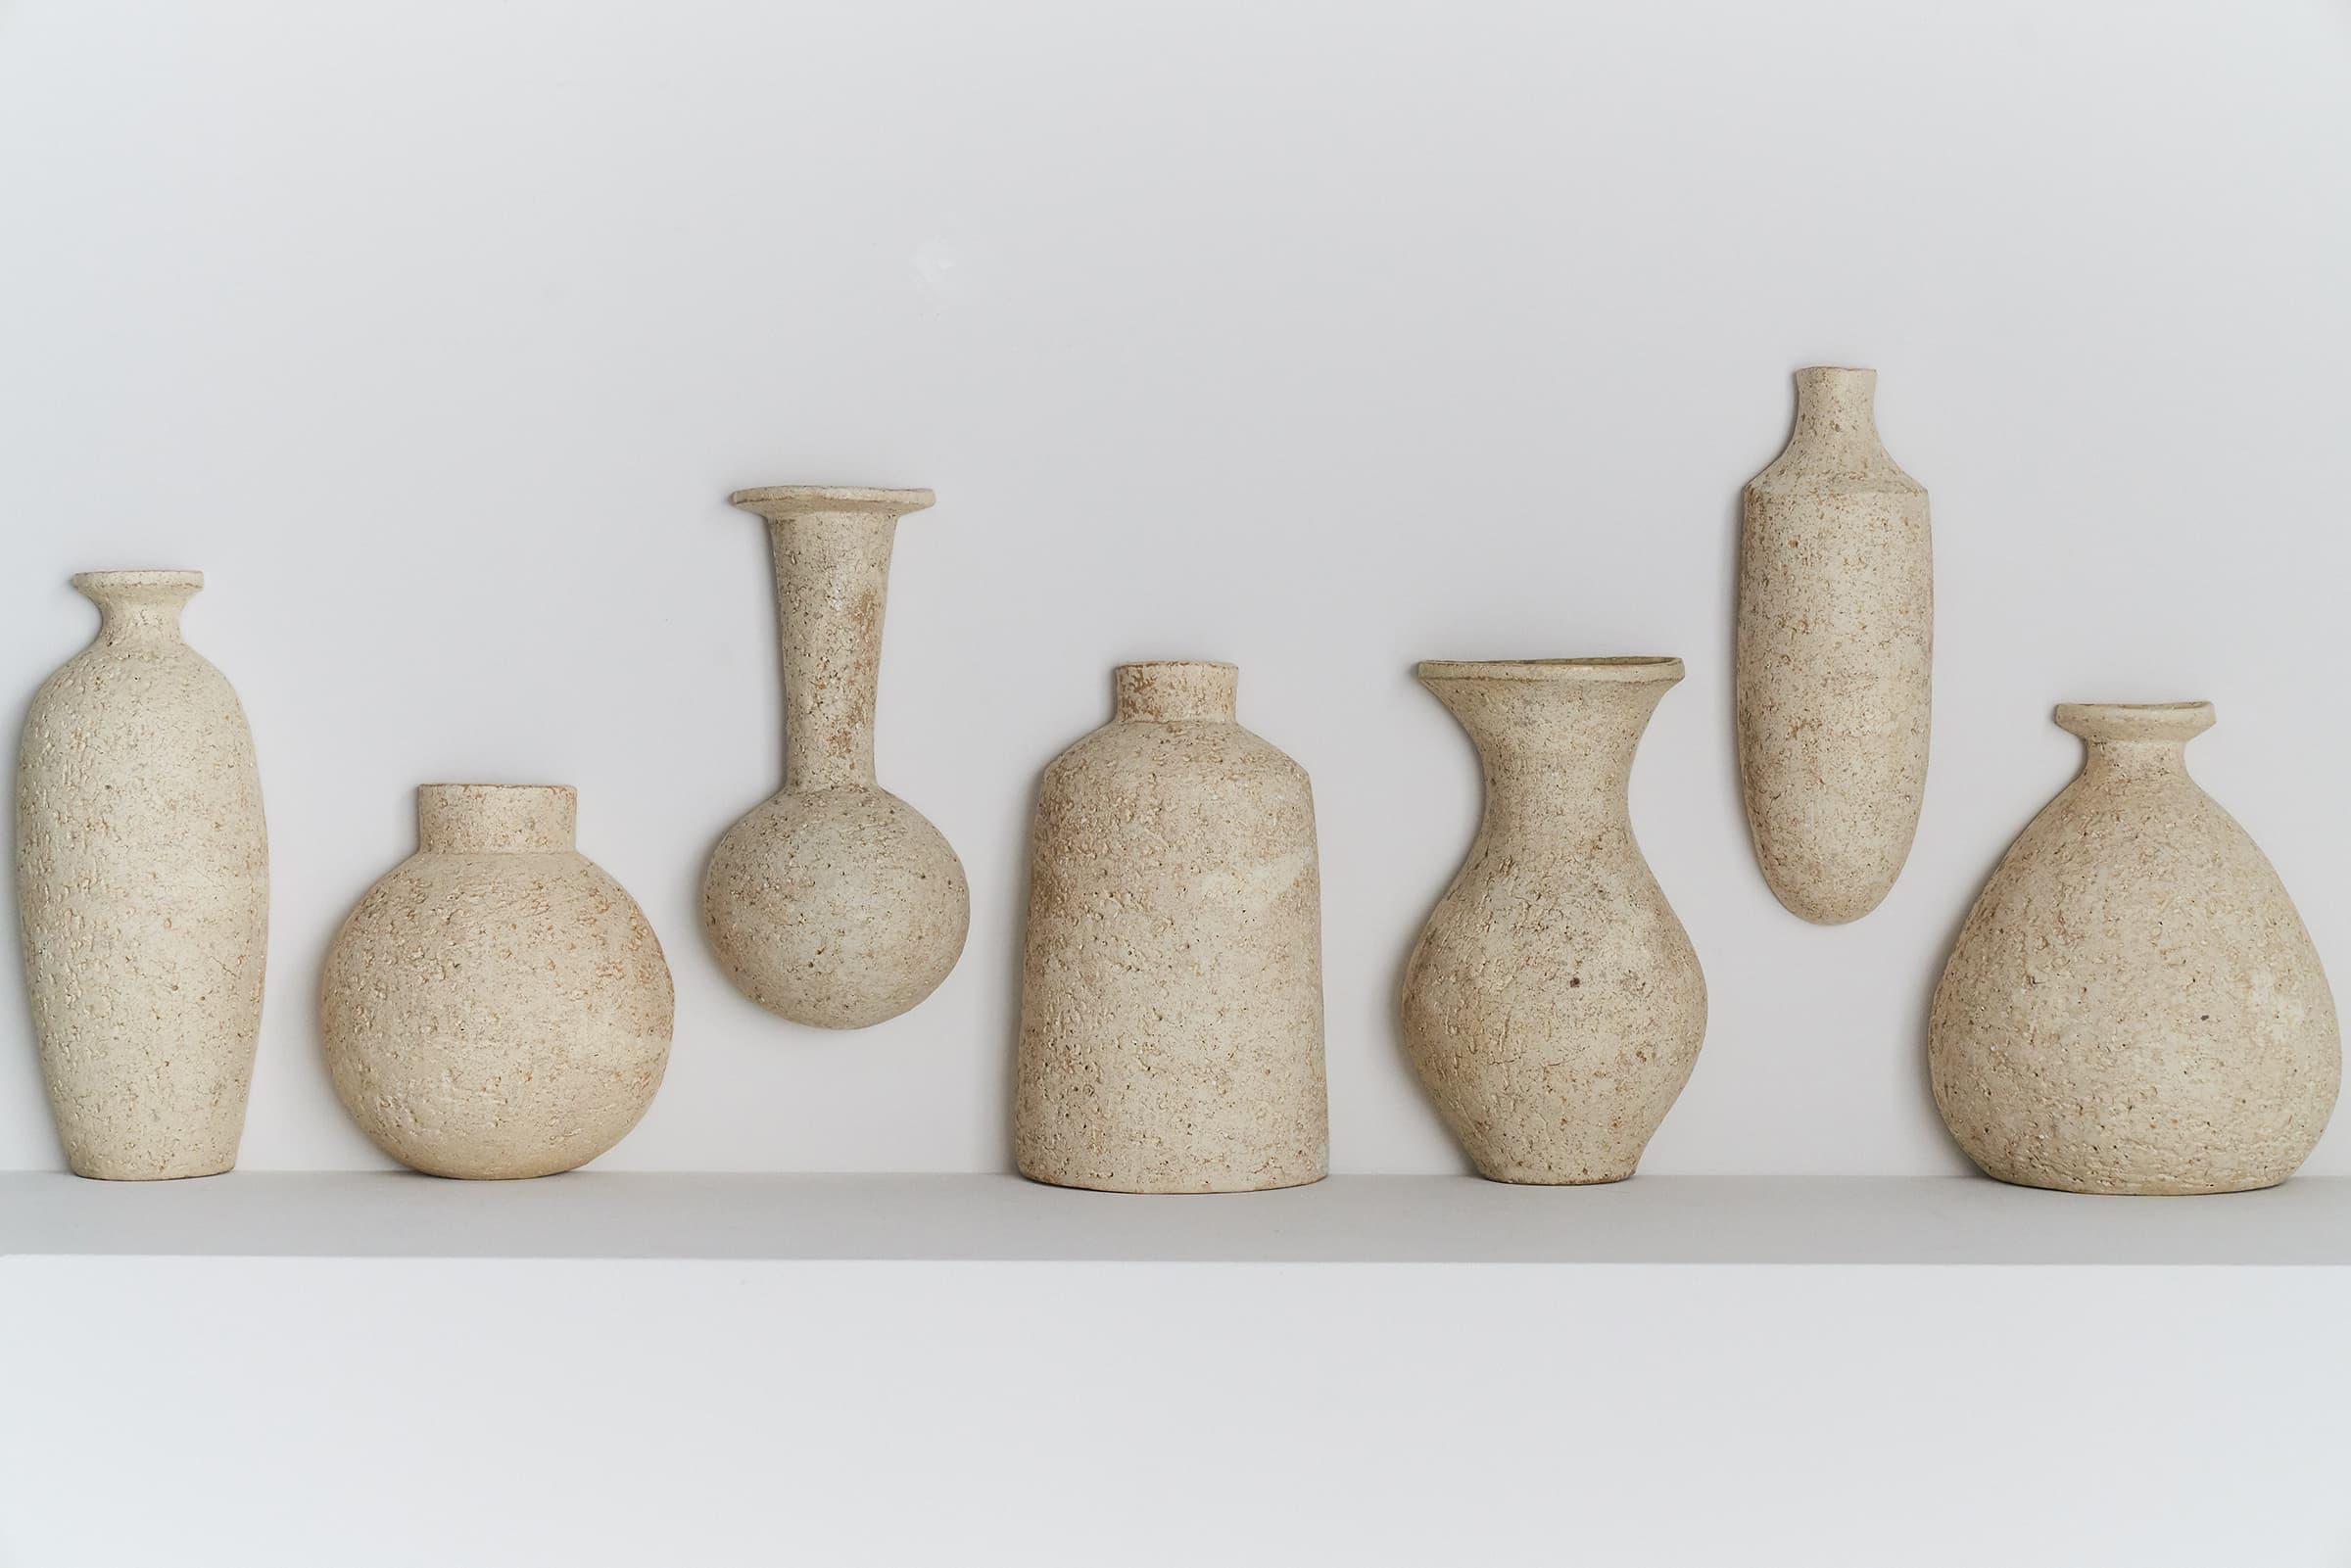 主要展示陶器作品的藝廊與常設作品的商店空間